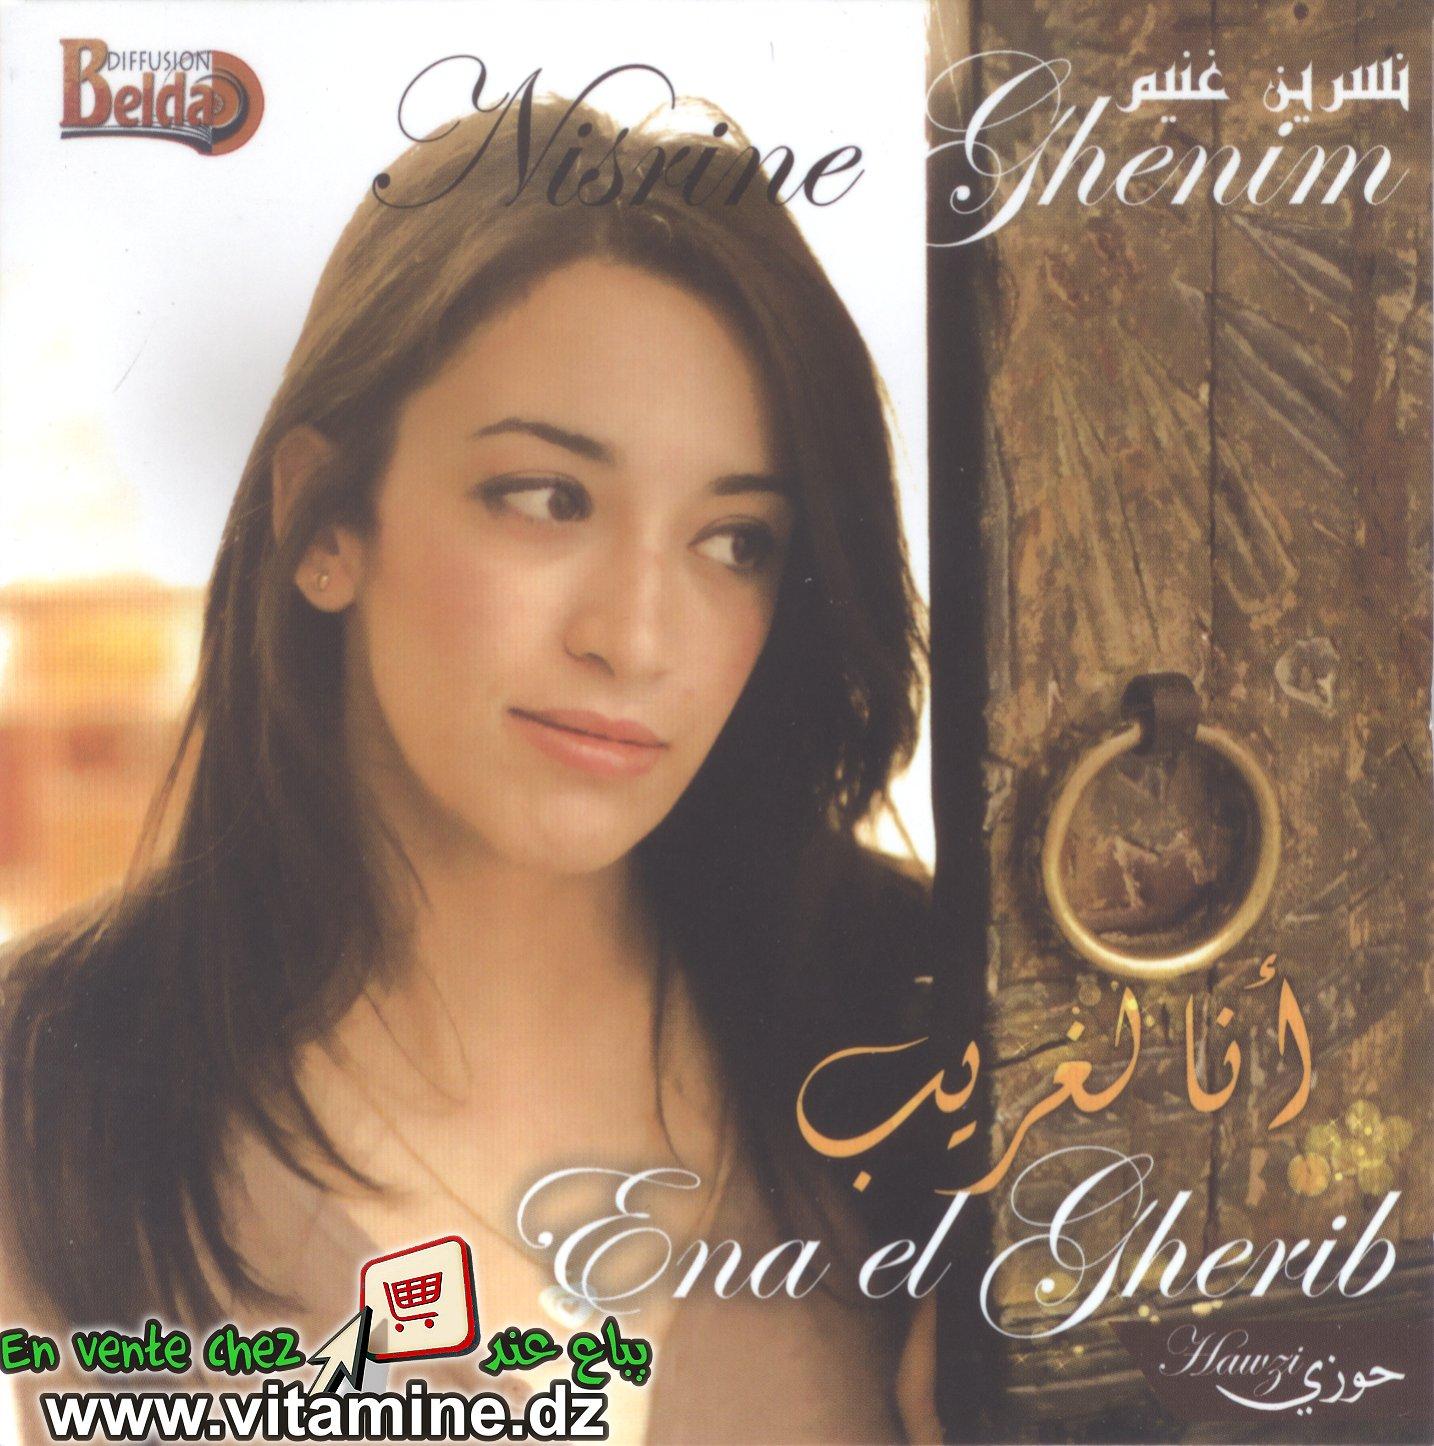 Nisrine Ghenim - ena el gherib